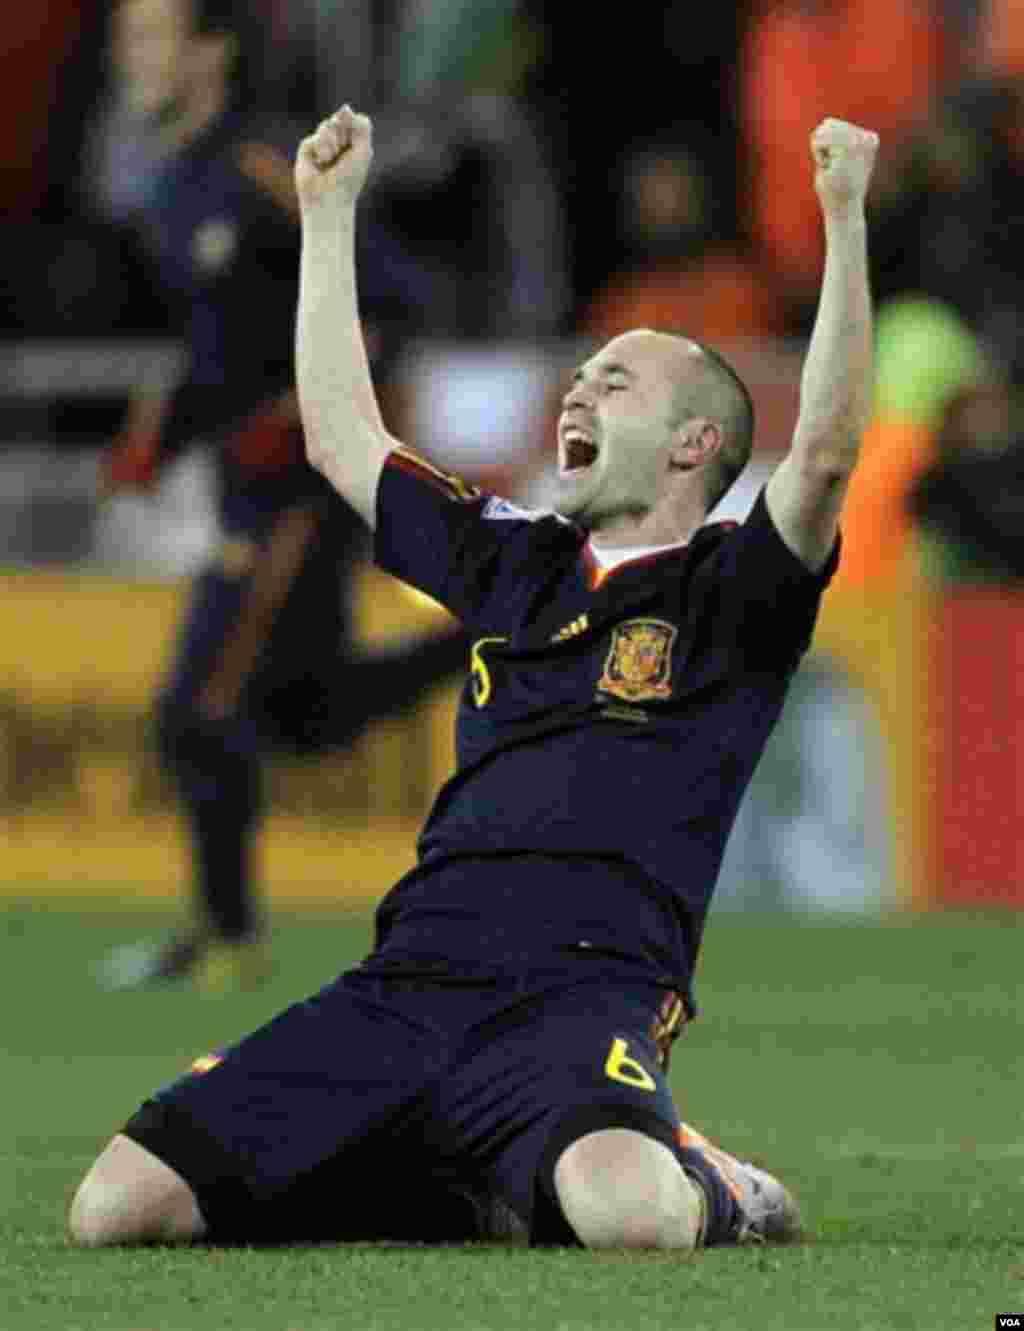 Andres Iniesta slavi (jedini) gol u 116. minutu finala protiv Holandije. Španija je ujedinila titule evropskog i svjetskog prvaka u fudbalu (AP Photo/Matt Dunham)